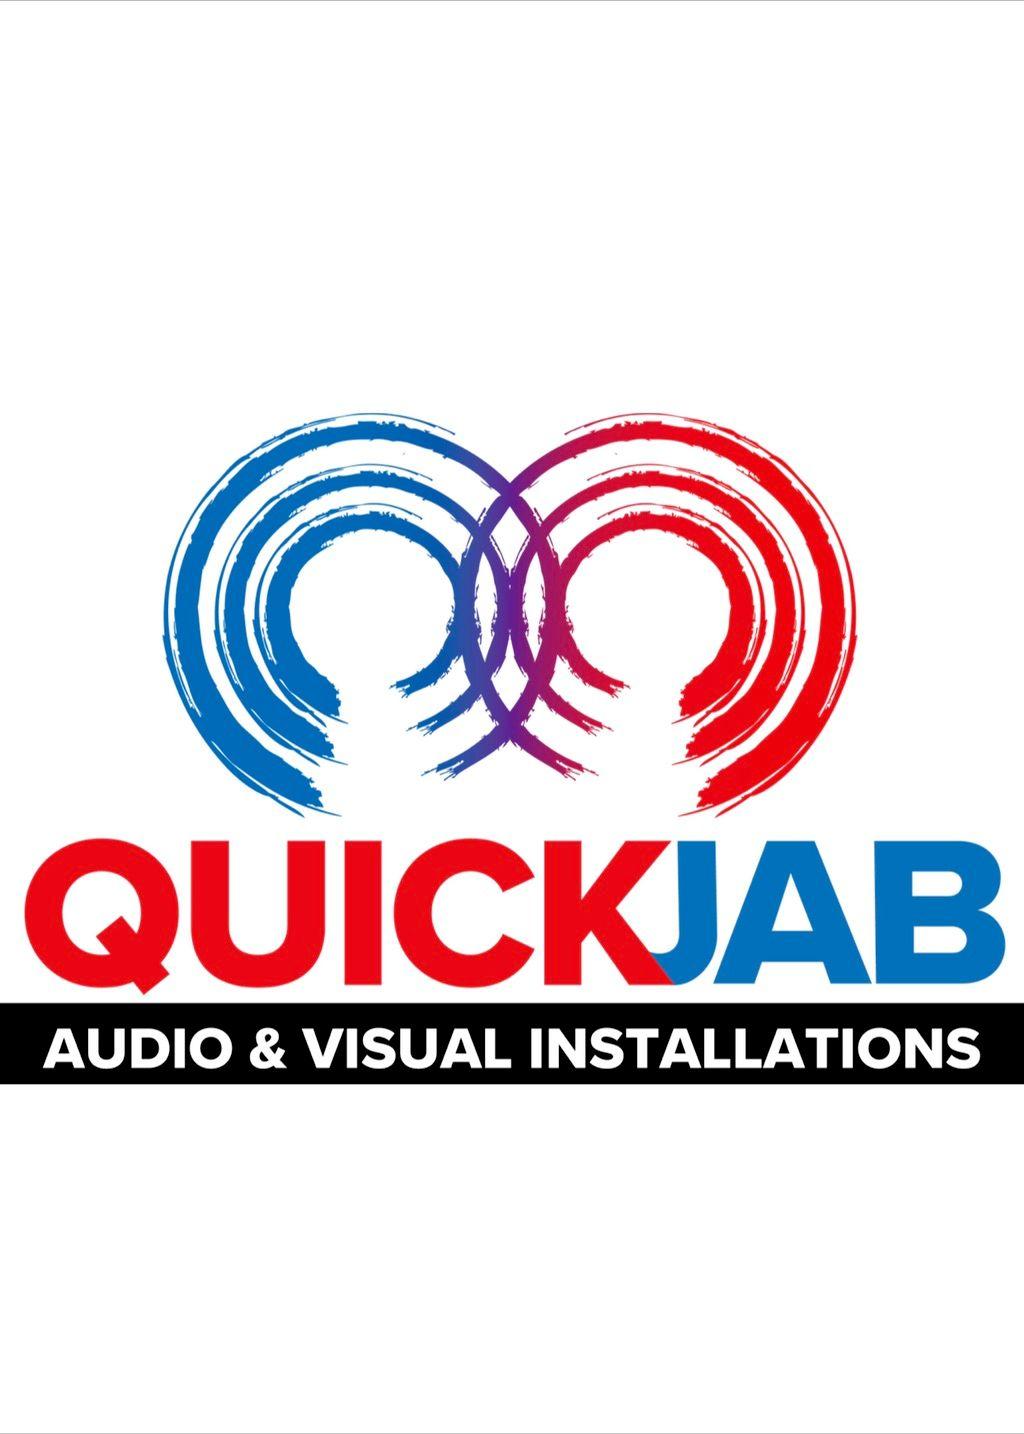 Quick JAB AV Installations